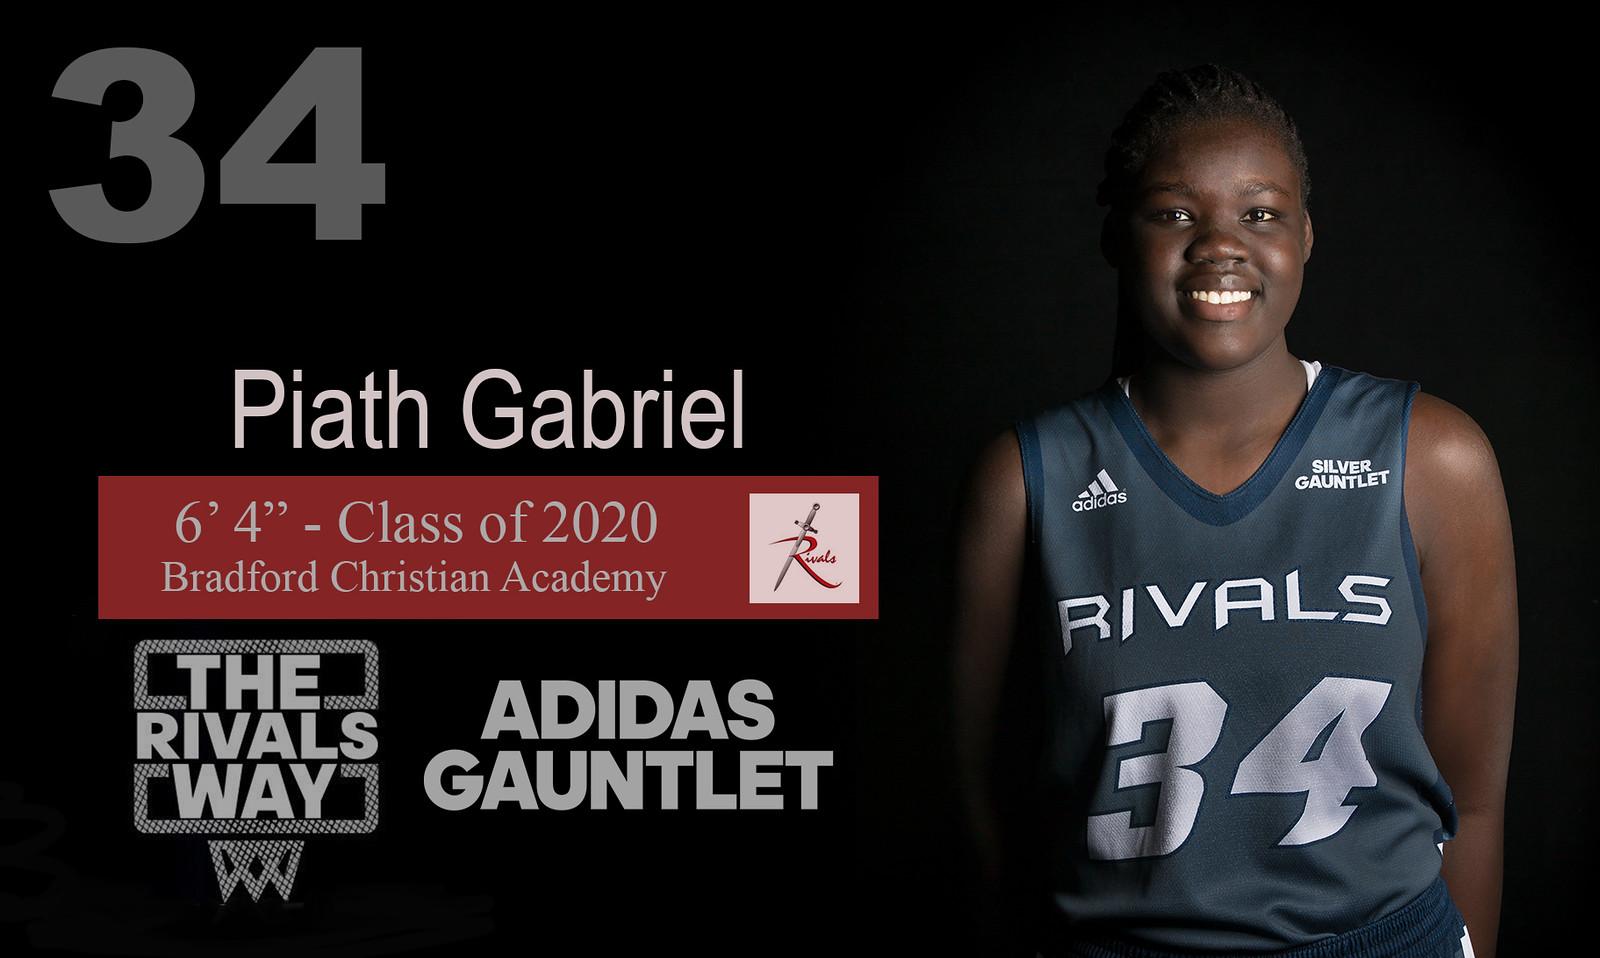 Piath Gabriel